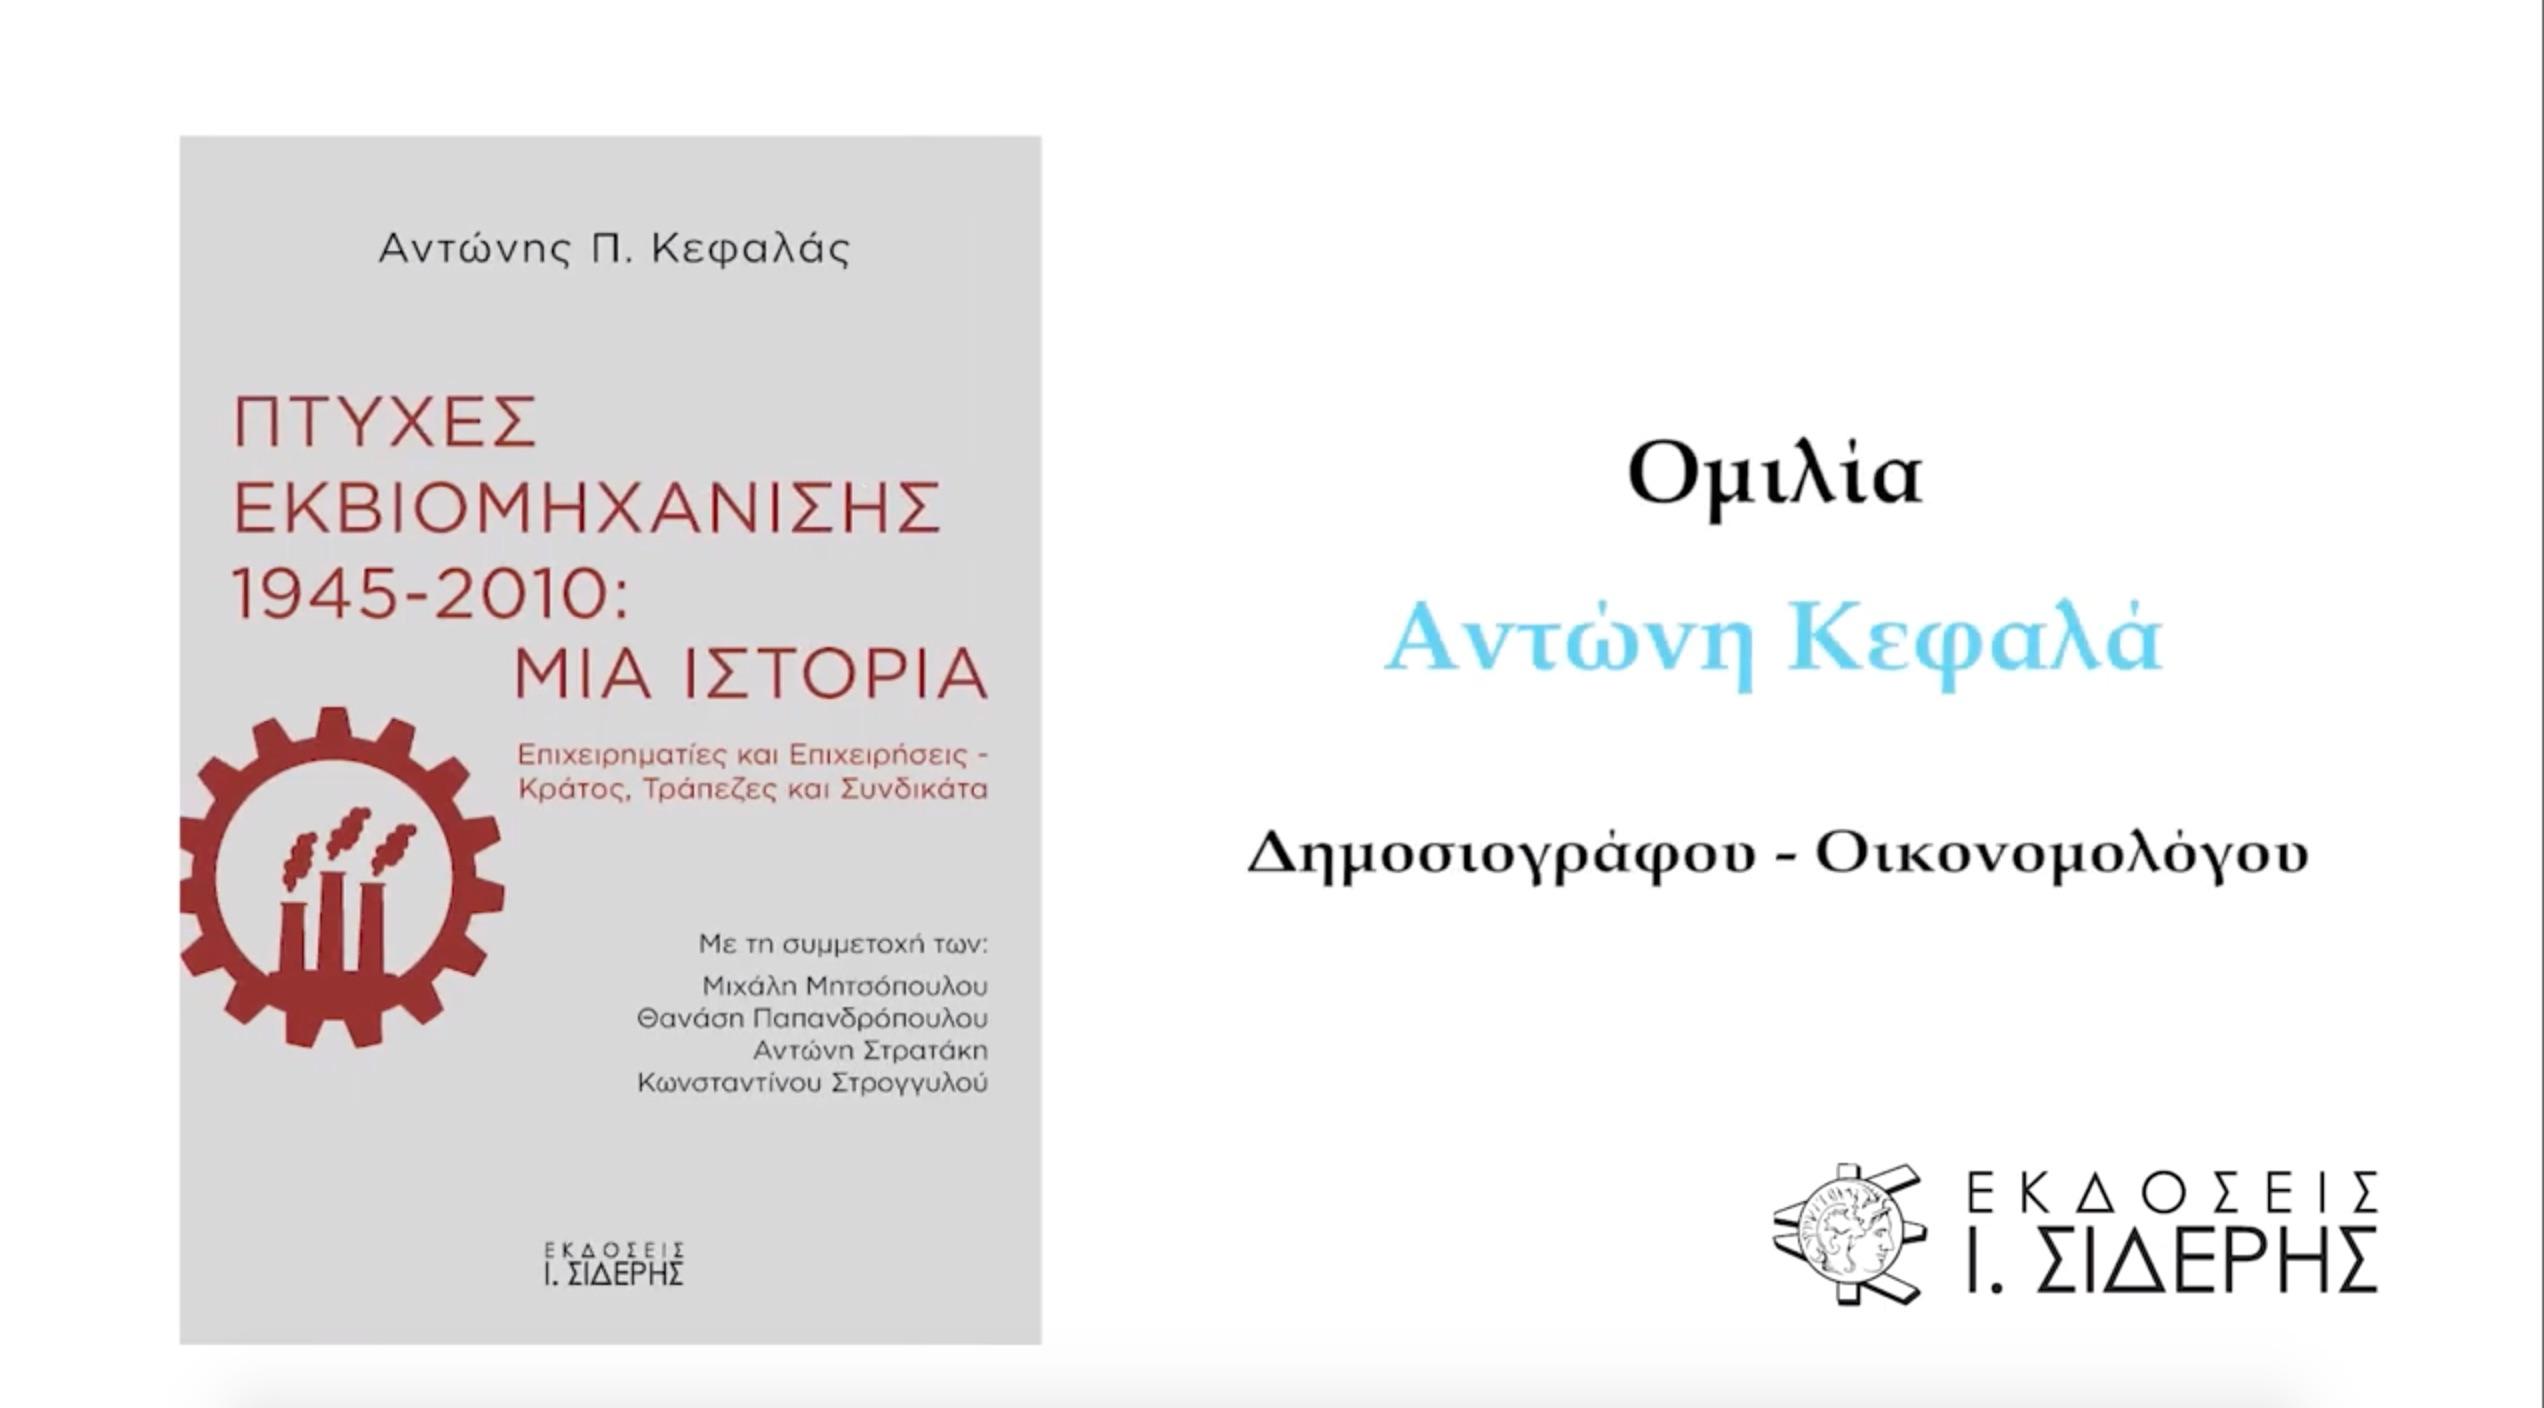 Ο Δημήτρης Βέργαδος με αφορμή την 2η έκδοση του βιβλίου του Αντώνη Κεφαλά